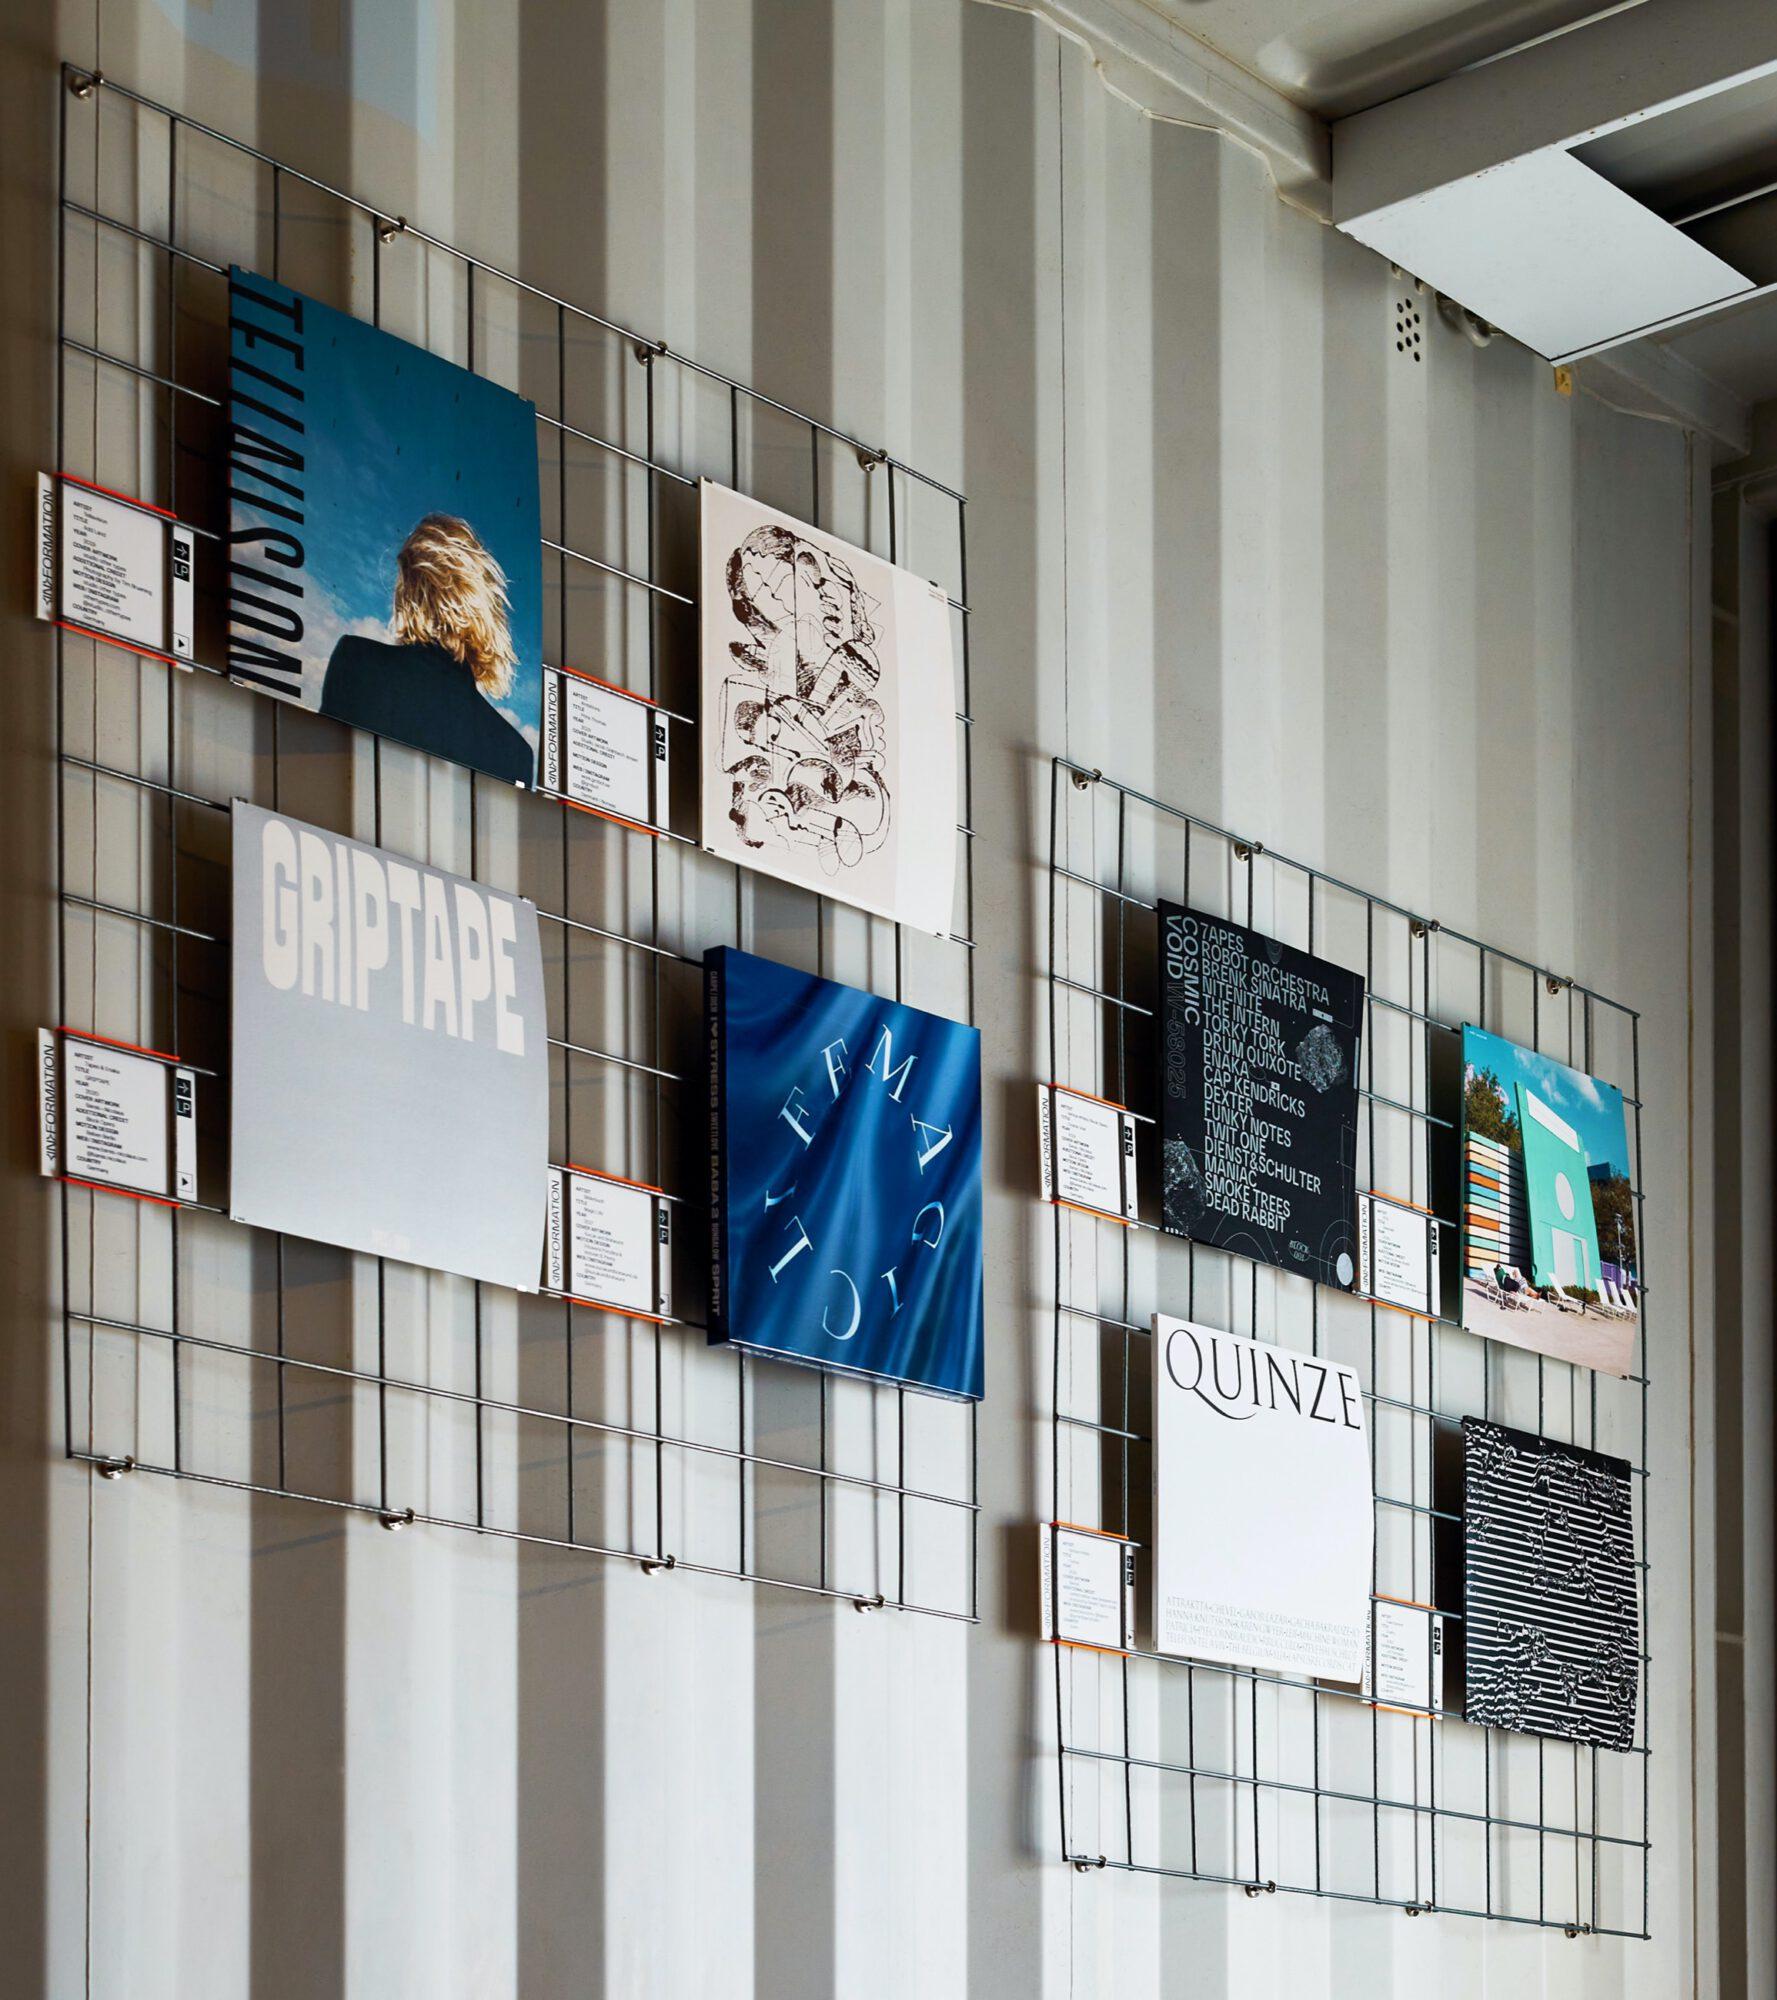 vinylausstellung in hamburg